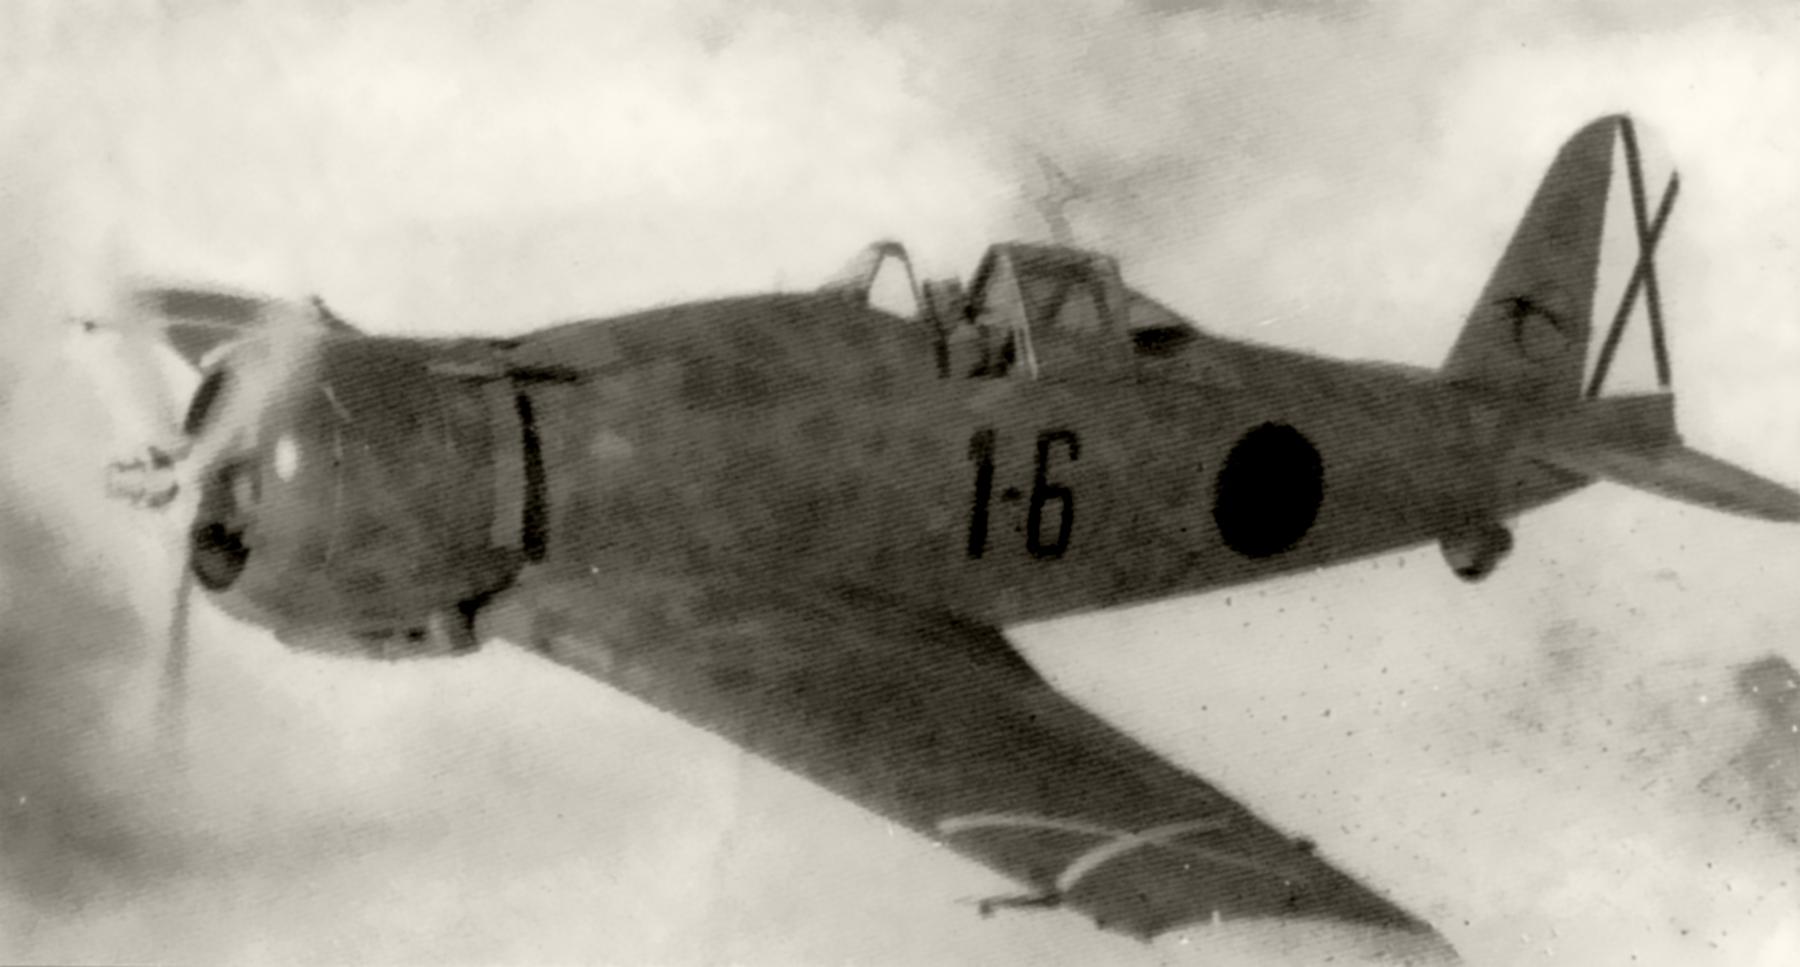 Fiat G50 Freccia Aviacion Nacional 27 Gruppo de Caza 6 Sevilla Tablada Spain Jul 1939 01